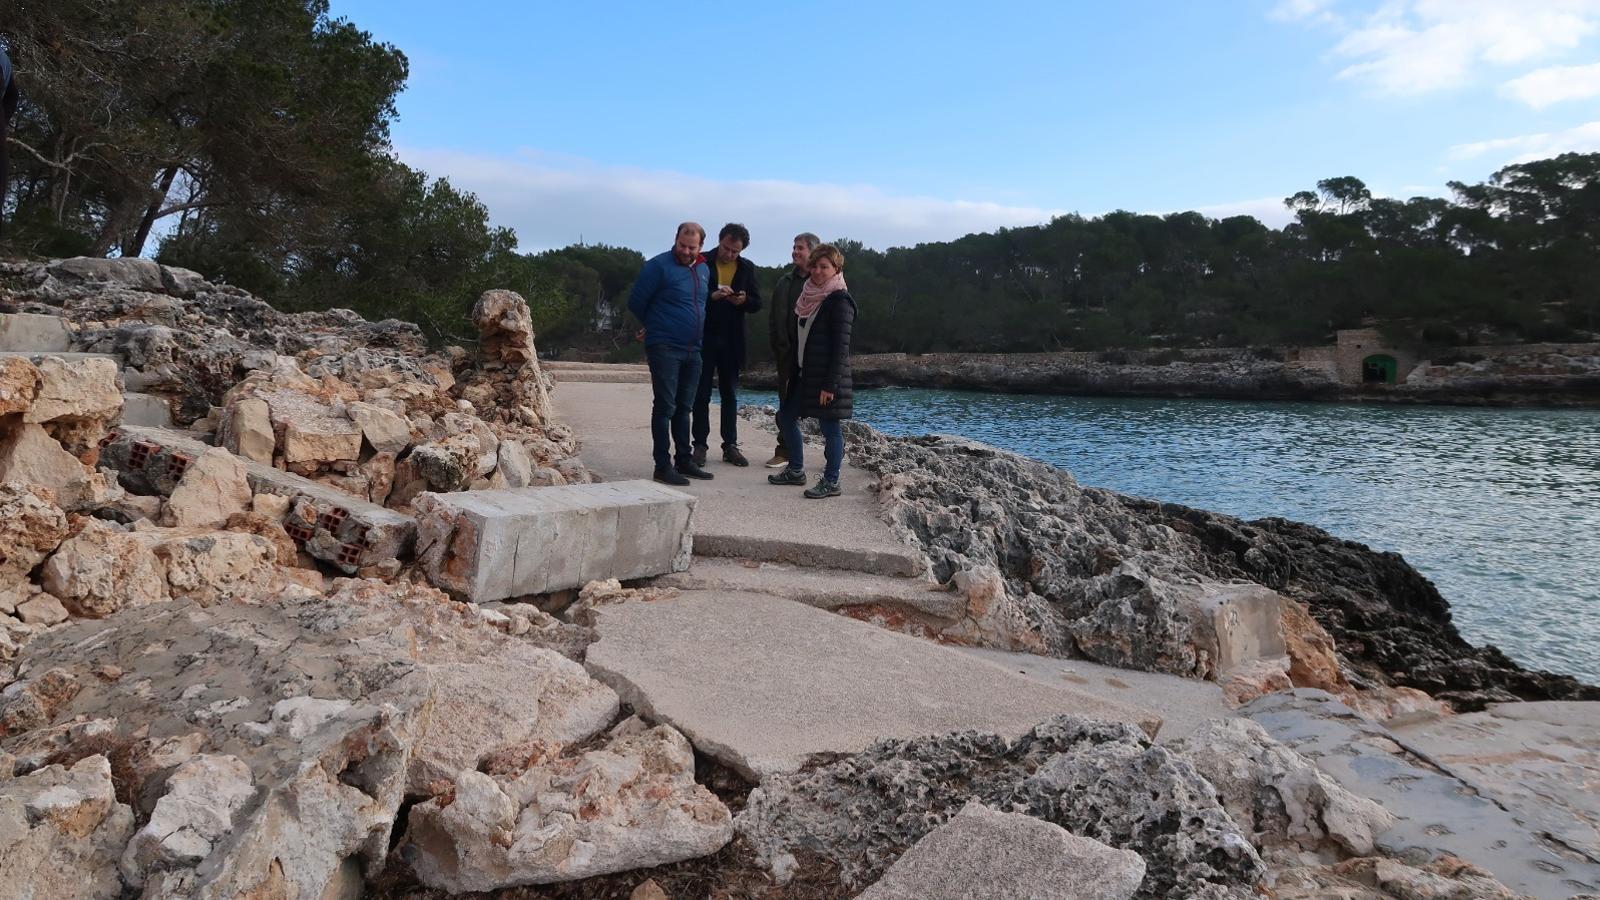 Una de les obres danyades per la borrasca Glòria que el conseller de Medi Ambient, Miquel Mir, va visitar i considera que s'han d'eliminar